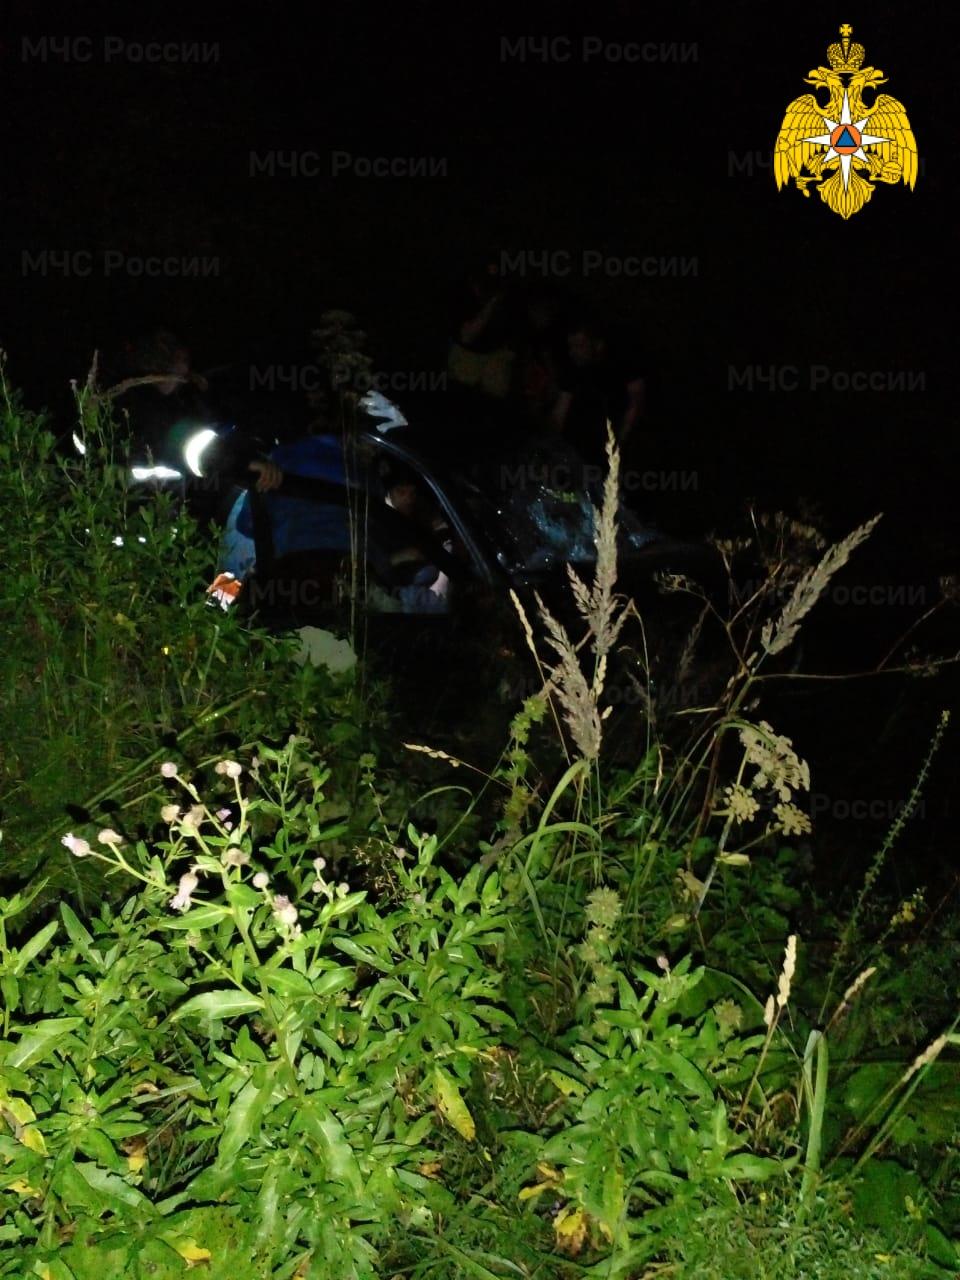 Спасатели МЧС принимали участие в ликвидации ДТП в Юхновском районе, д. Погореловка